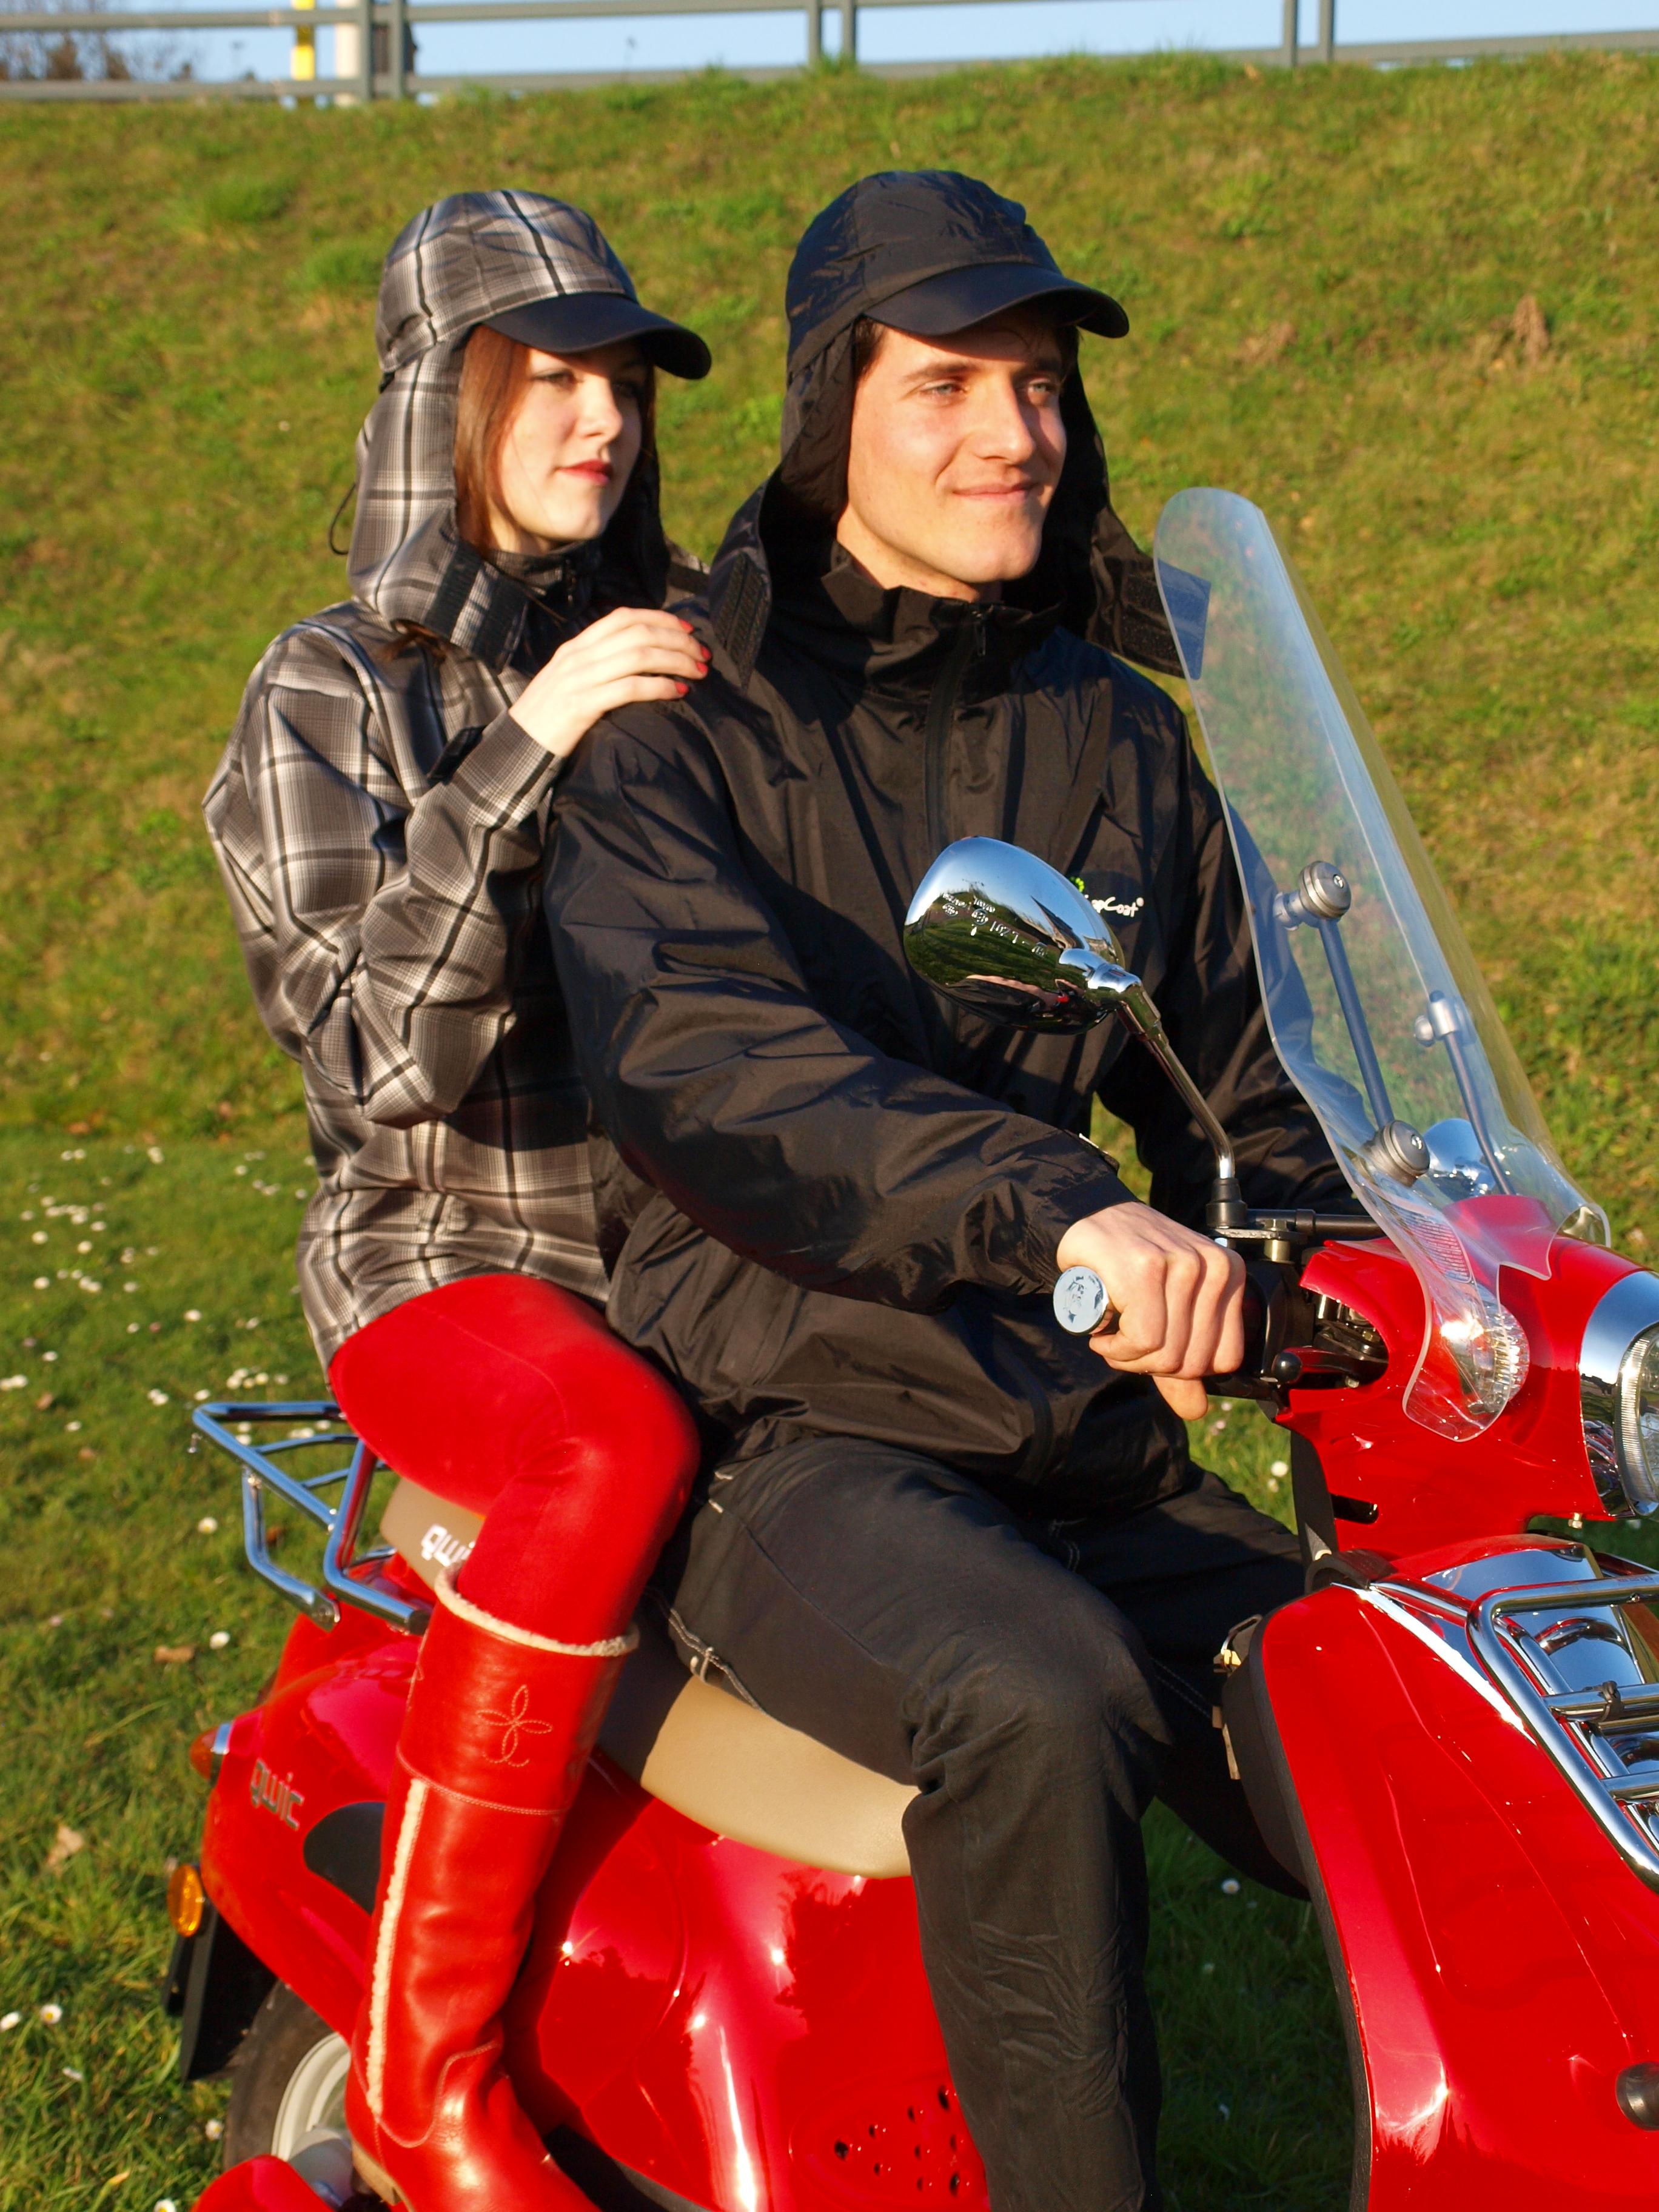 samen op de scooter